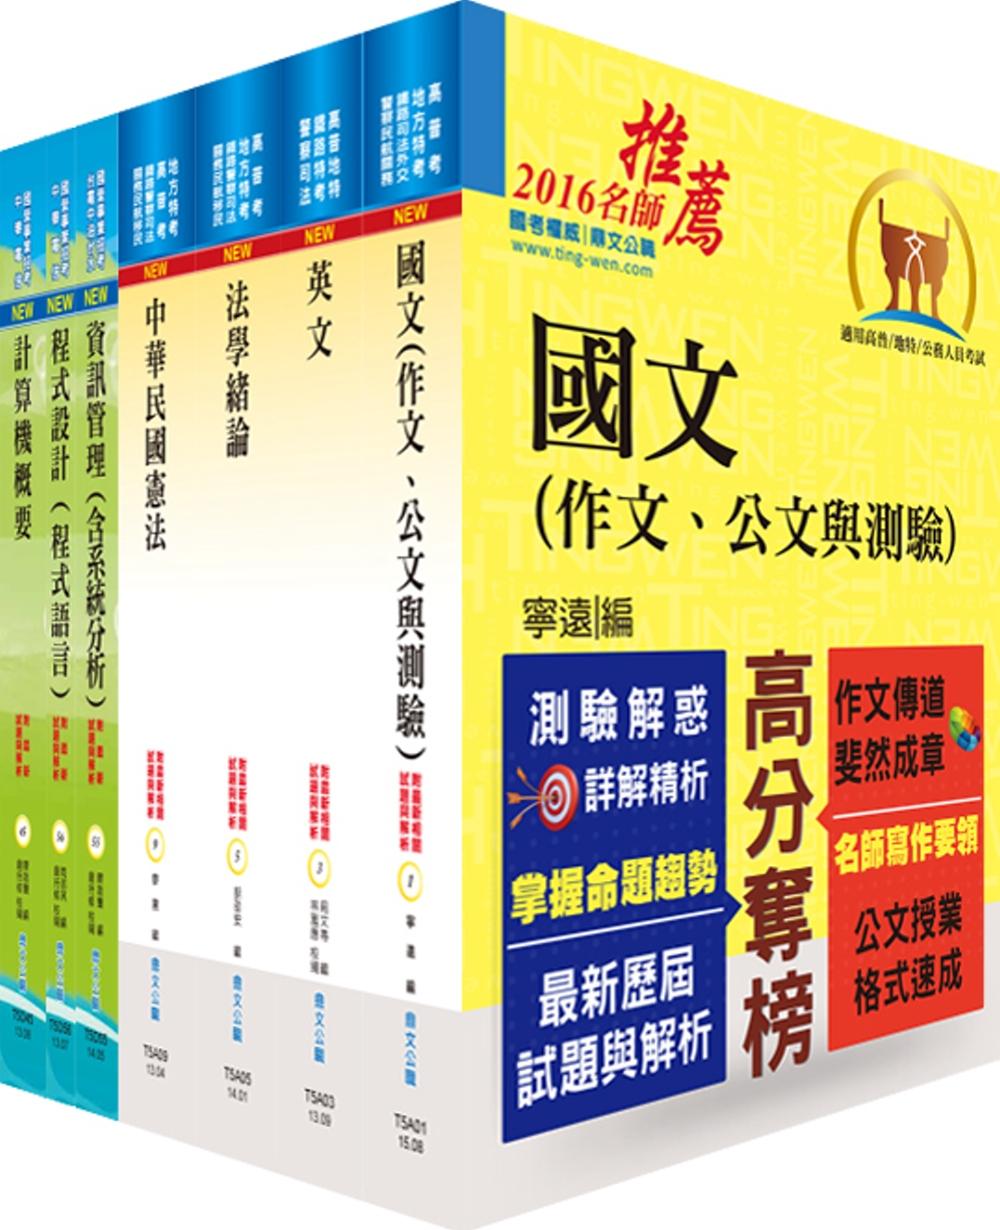 地方四等、普考(資訊處理)套書(不含資訊處理與資通安全)(贈題庫網帳號、雲端課程)